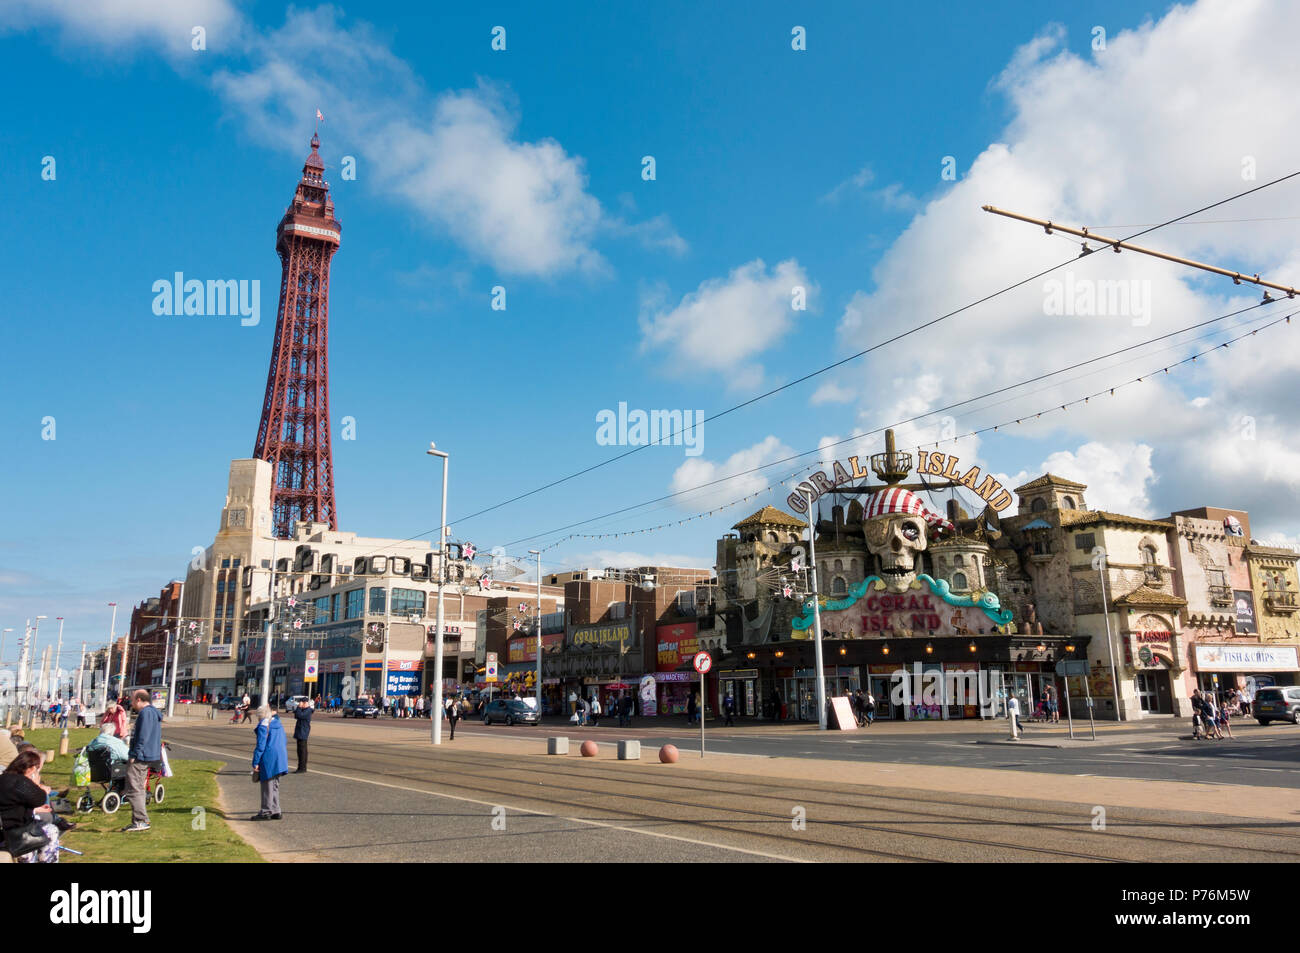 L'île de corail de jeux électroniques à Blackpool Photo Stock